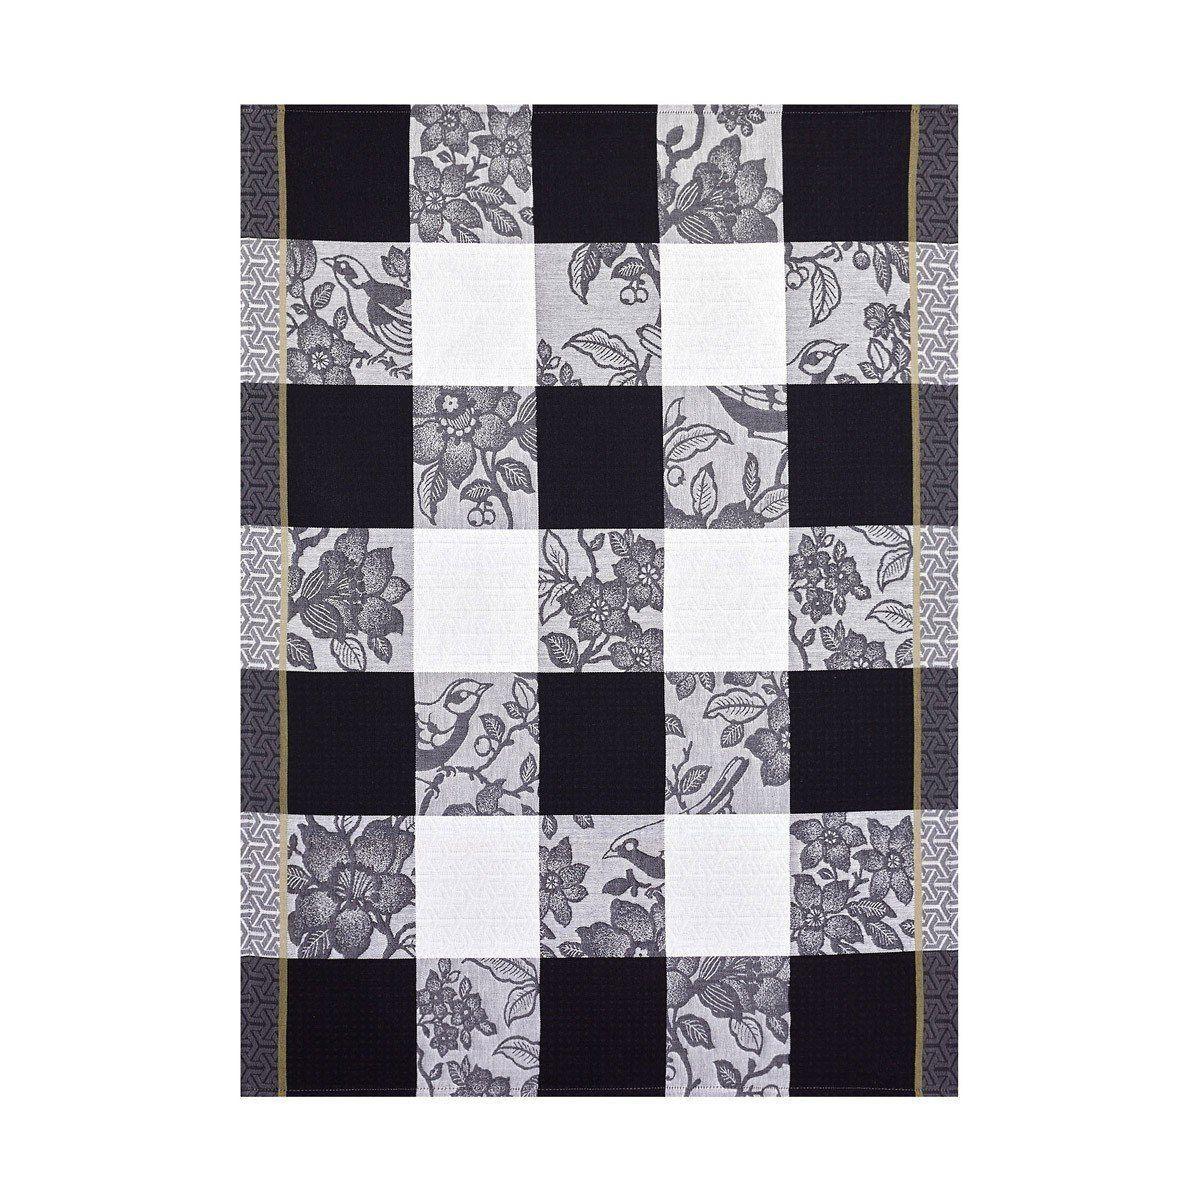 Estampe Chinoise Grey Tea Towel Set Of 4 By Le Jacquard Francais